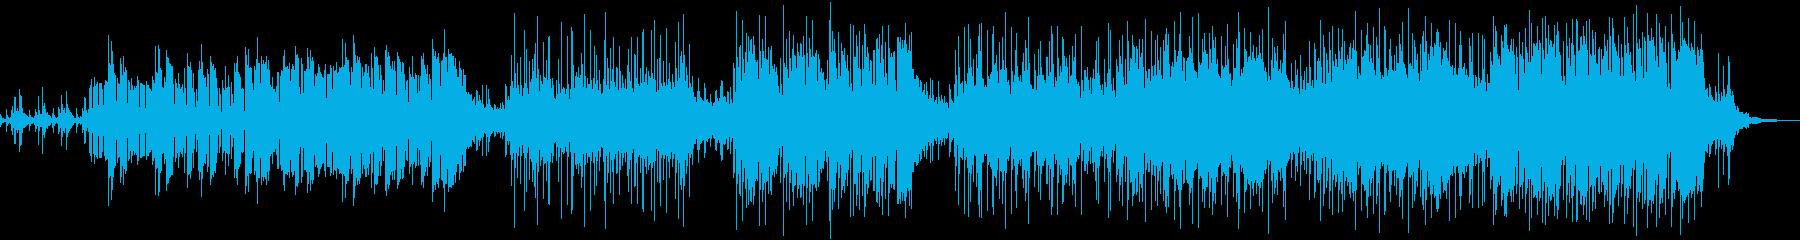 ルネッサンス民族音楽の再生済みの波形